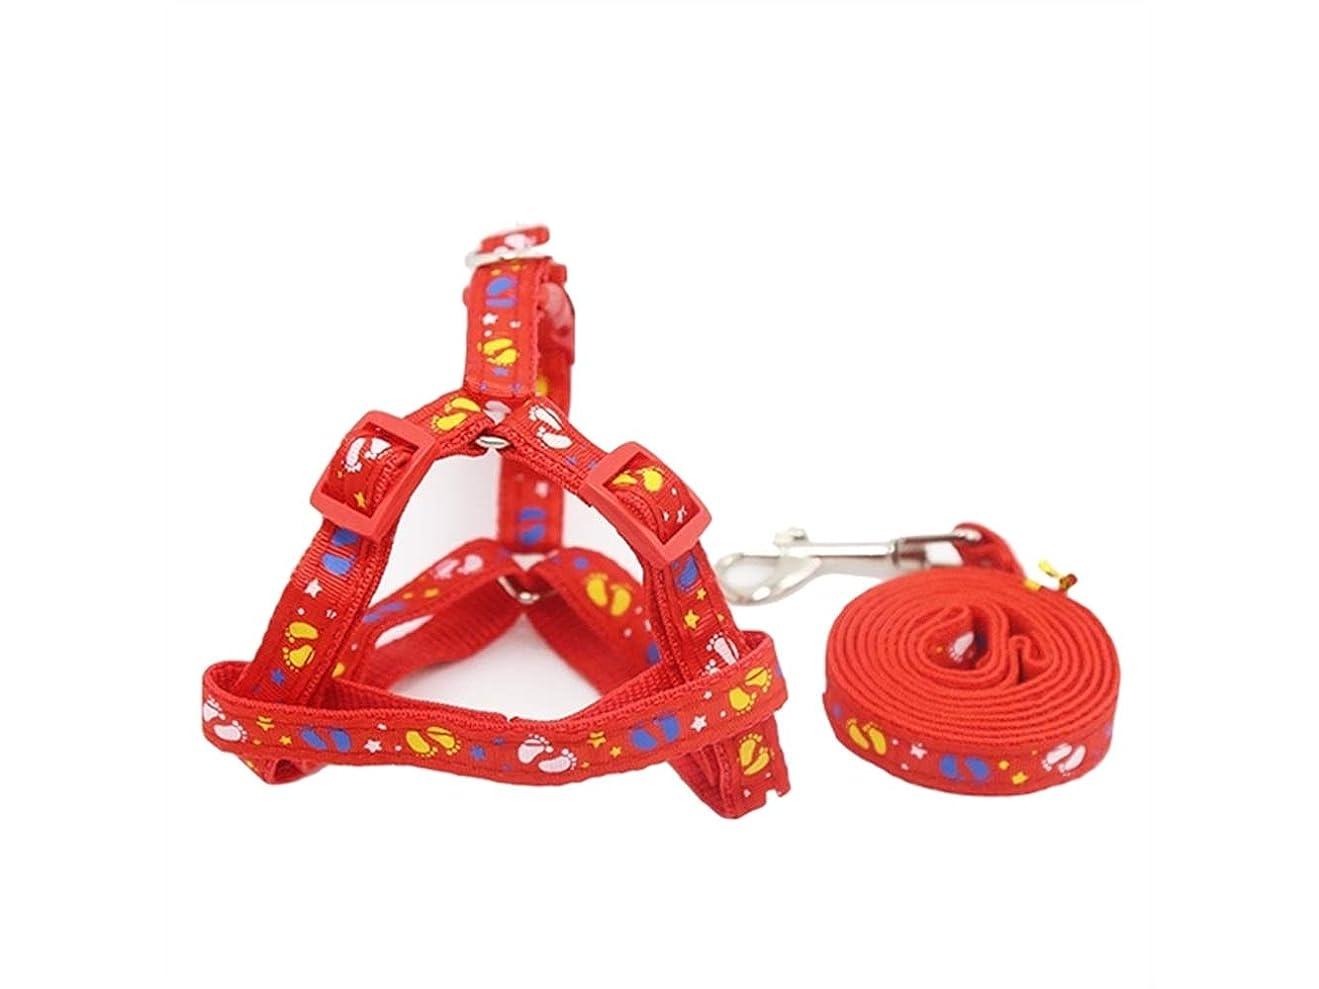 スロープ独立に向けて出発Oside ペットパーソナライズされたパッチグリッドチェスト猫dog_Sのためのストラップドッグチェーン/リーシュ/ロープカラー (色 : Red, サイズ : S)